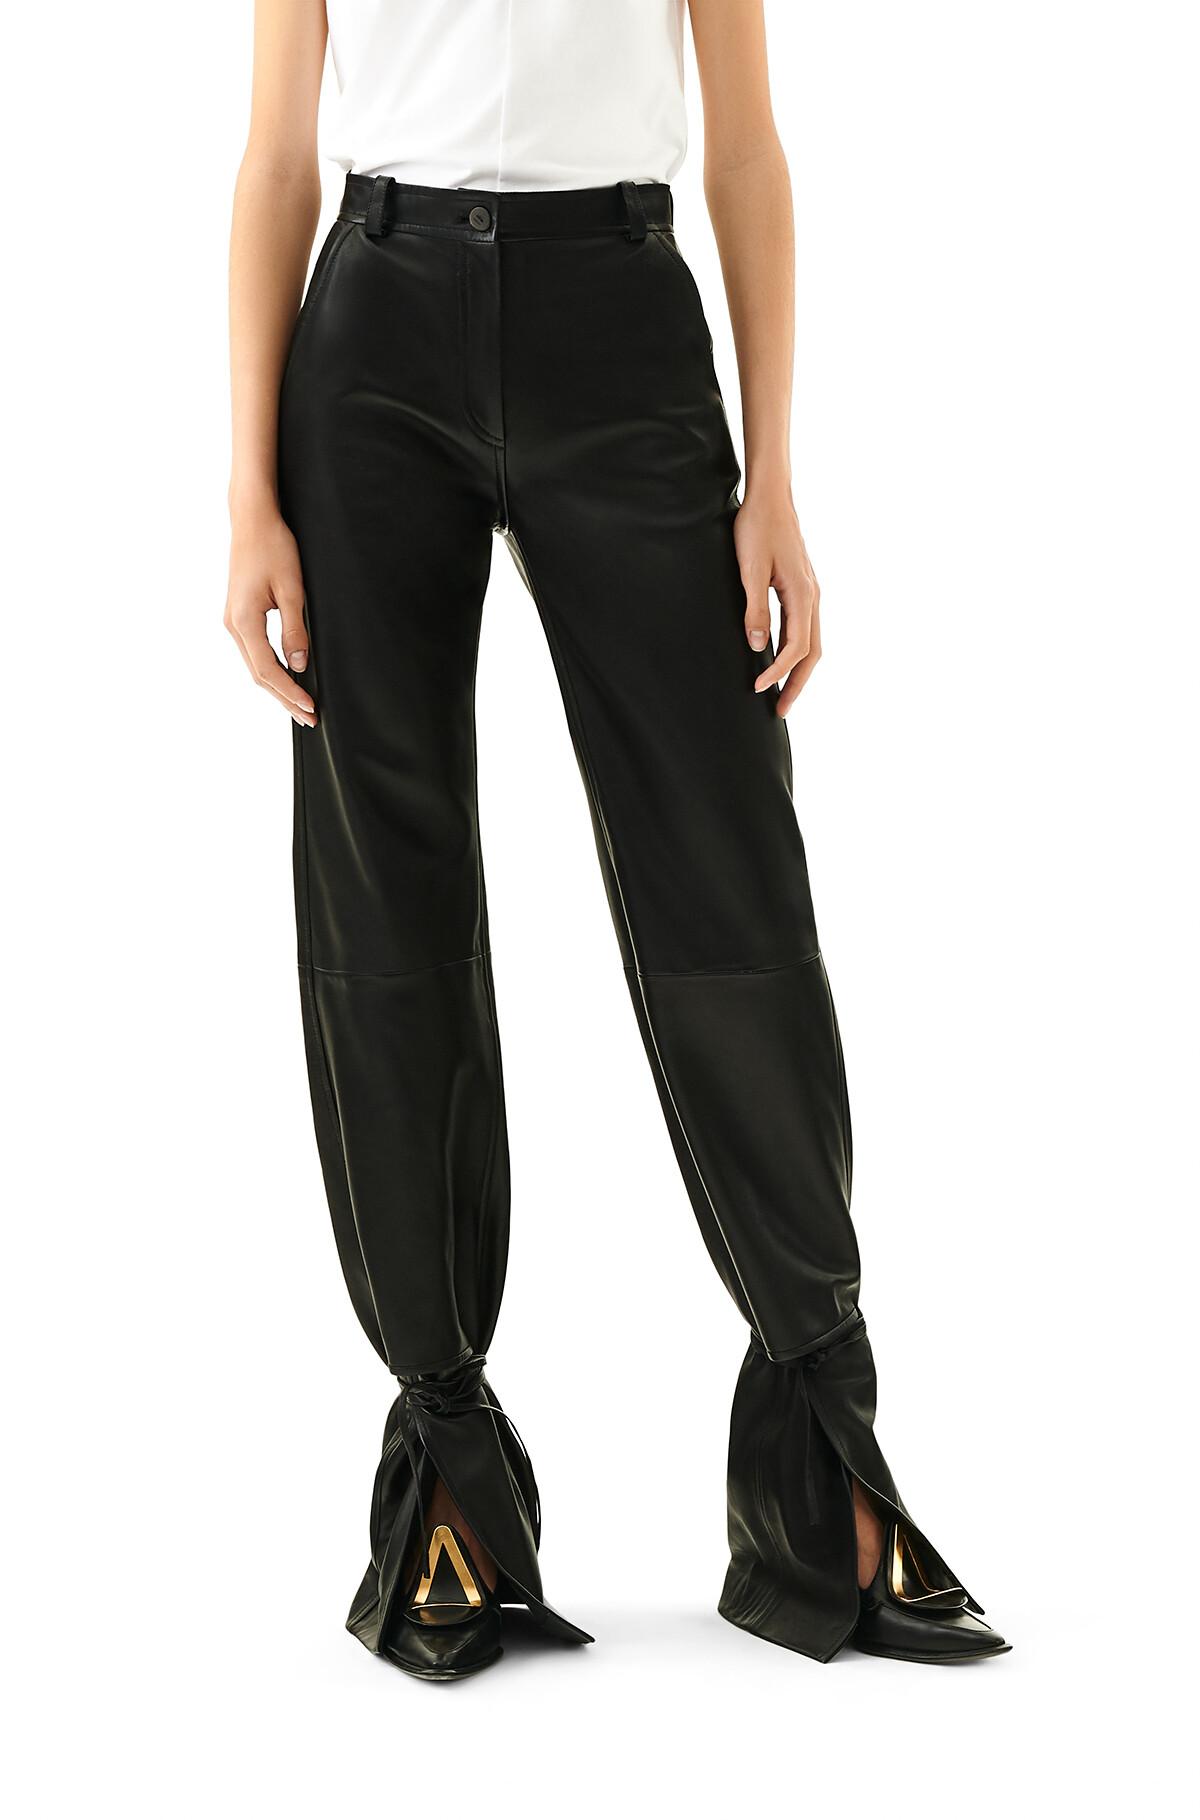 LOEWE Tie Cut Panel Trousers Black front